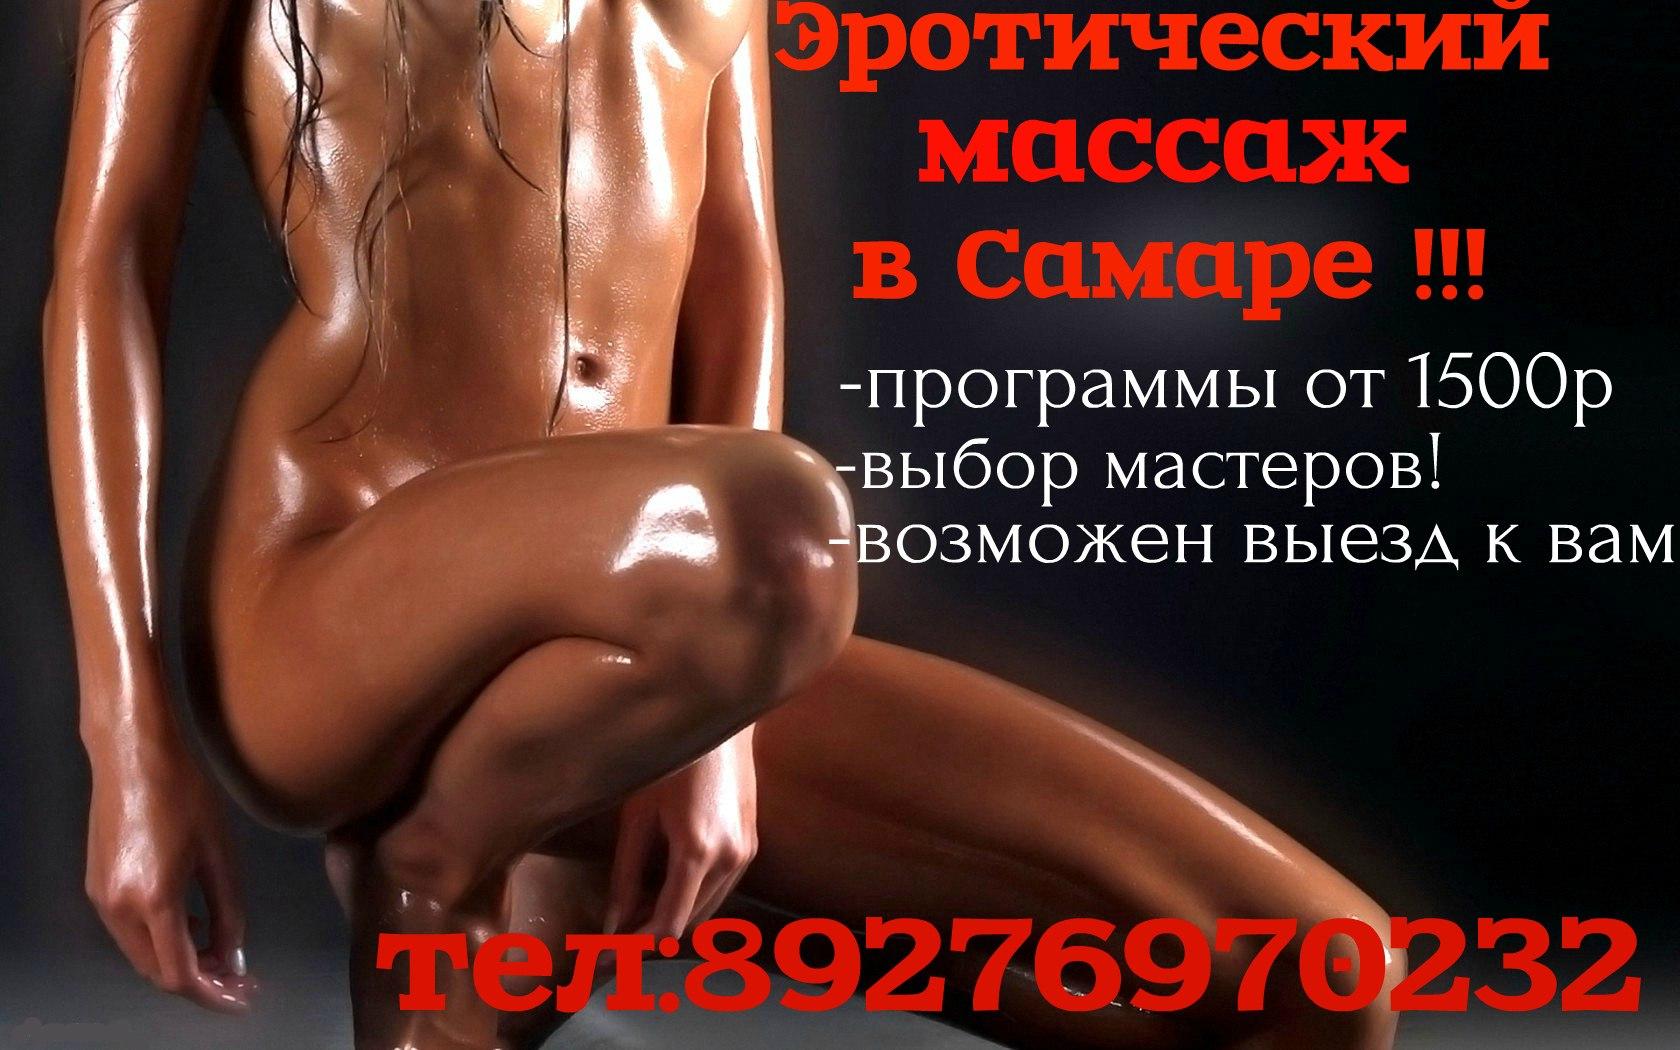 Эротический массаж в москве 11 фотография